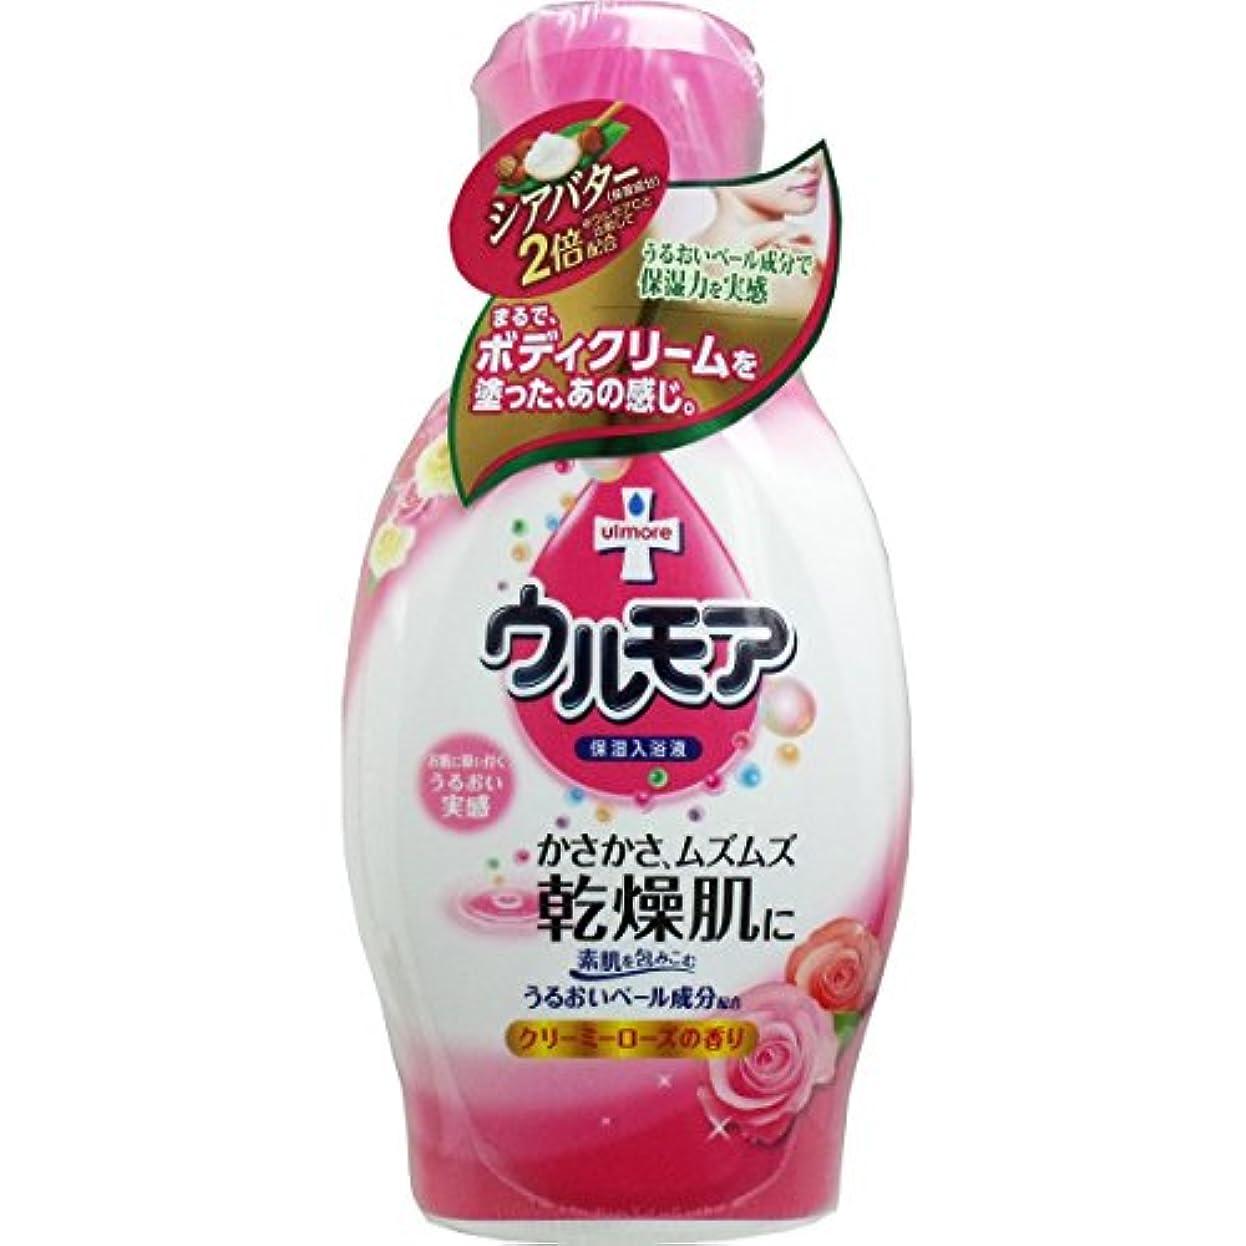 素晴らしさ追い払う台風【アース製薬】保湿入浴液ウルモアクリーミーローズの香り 600ml ×3個セット